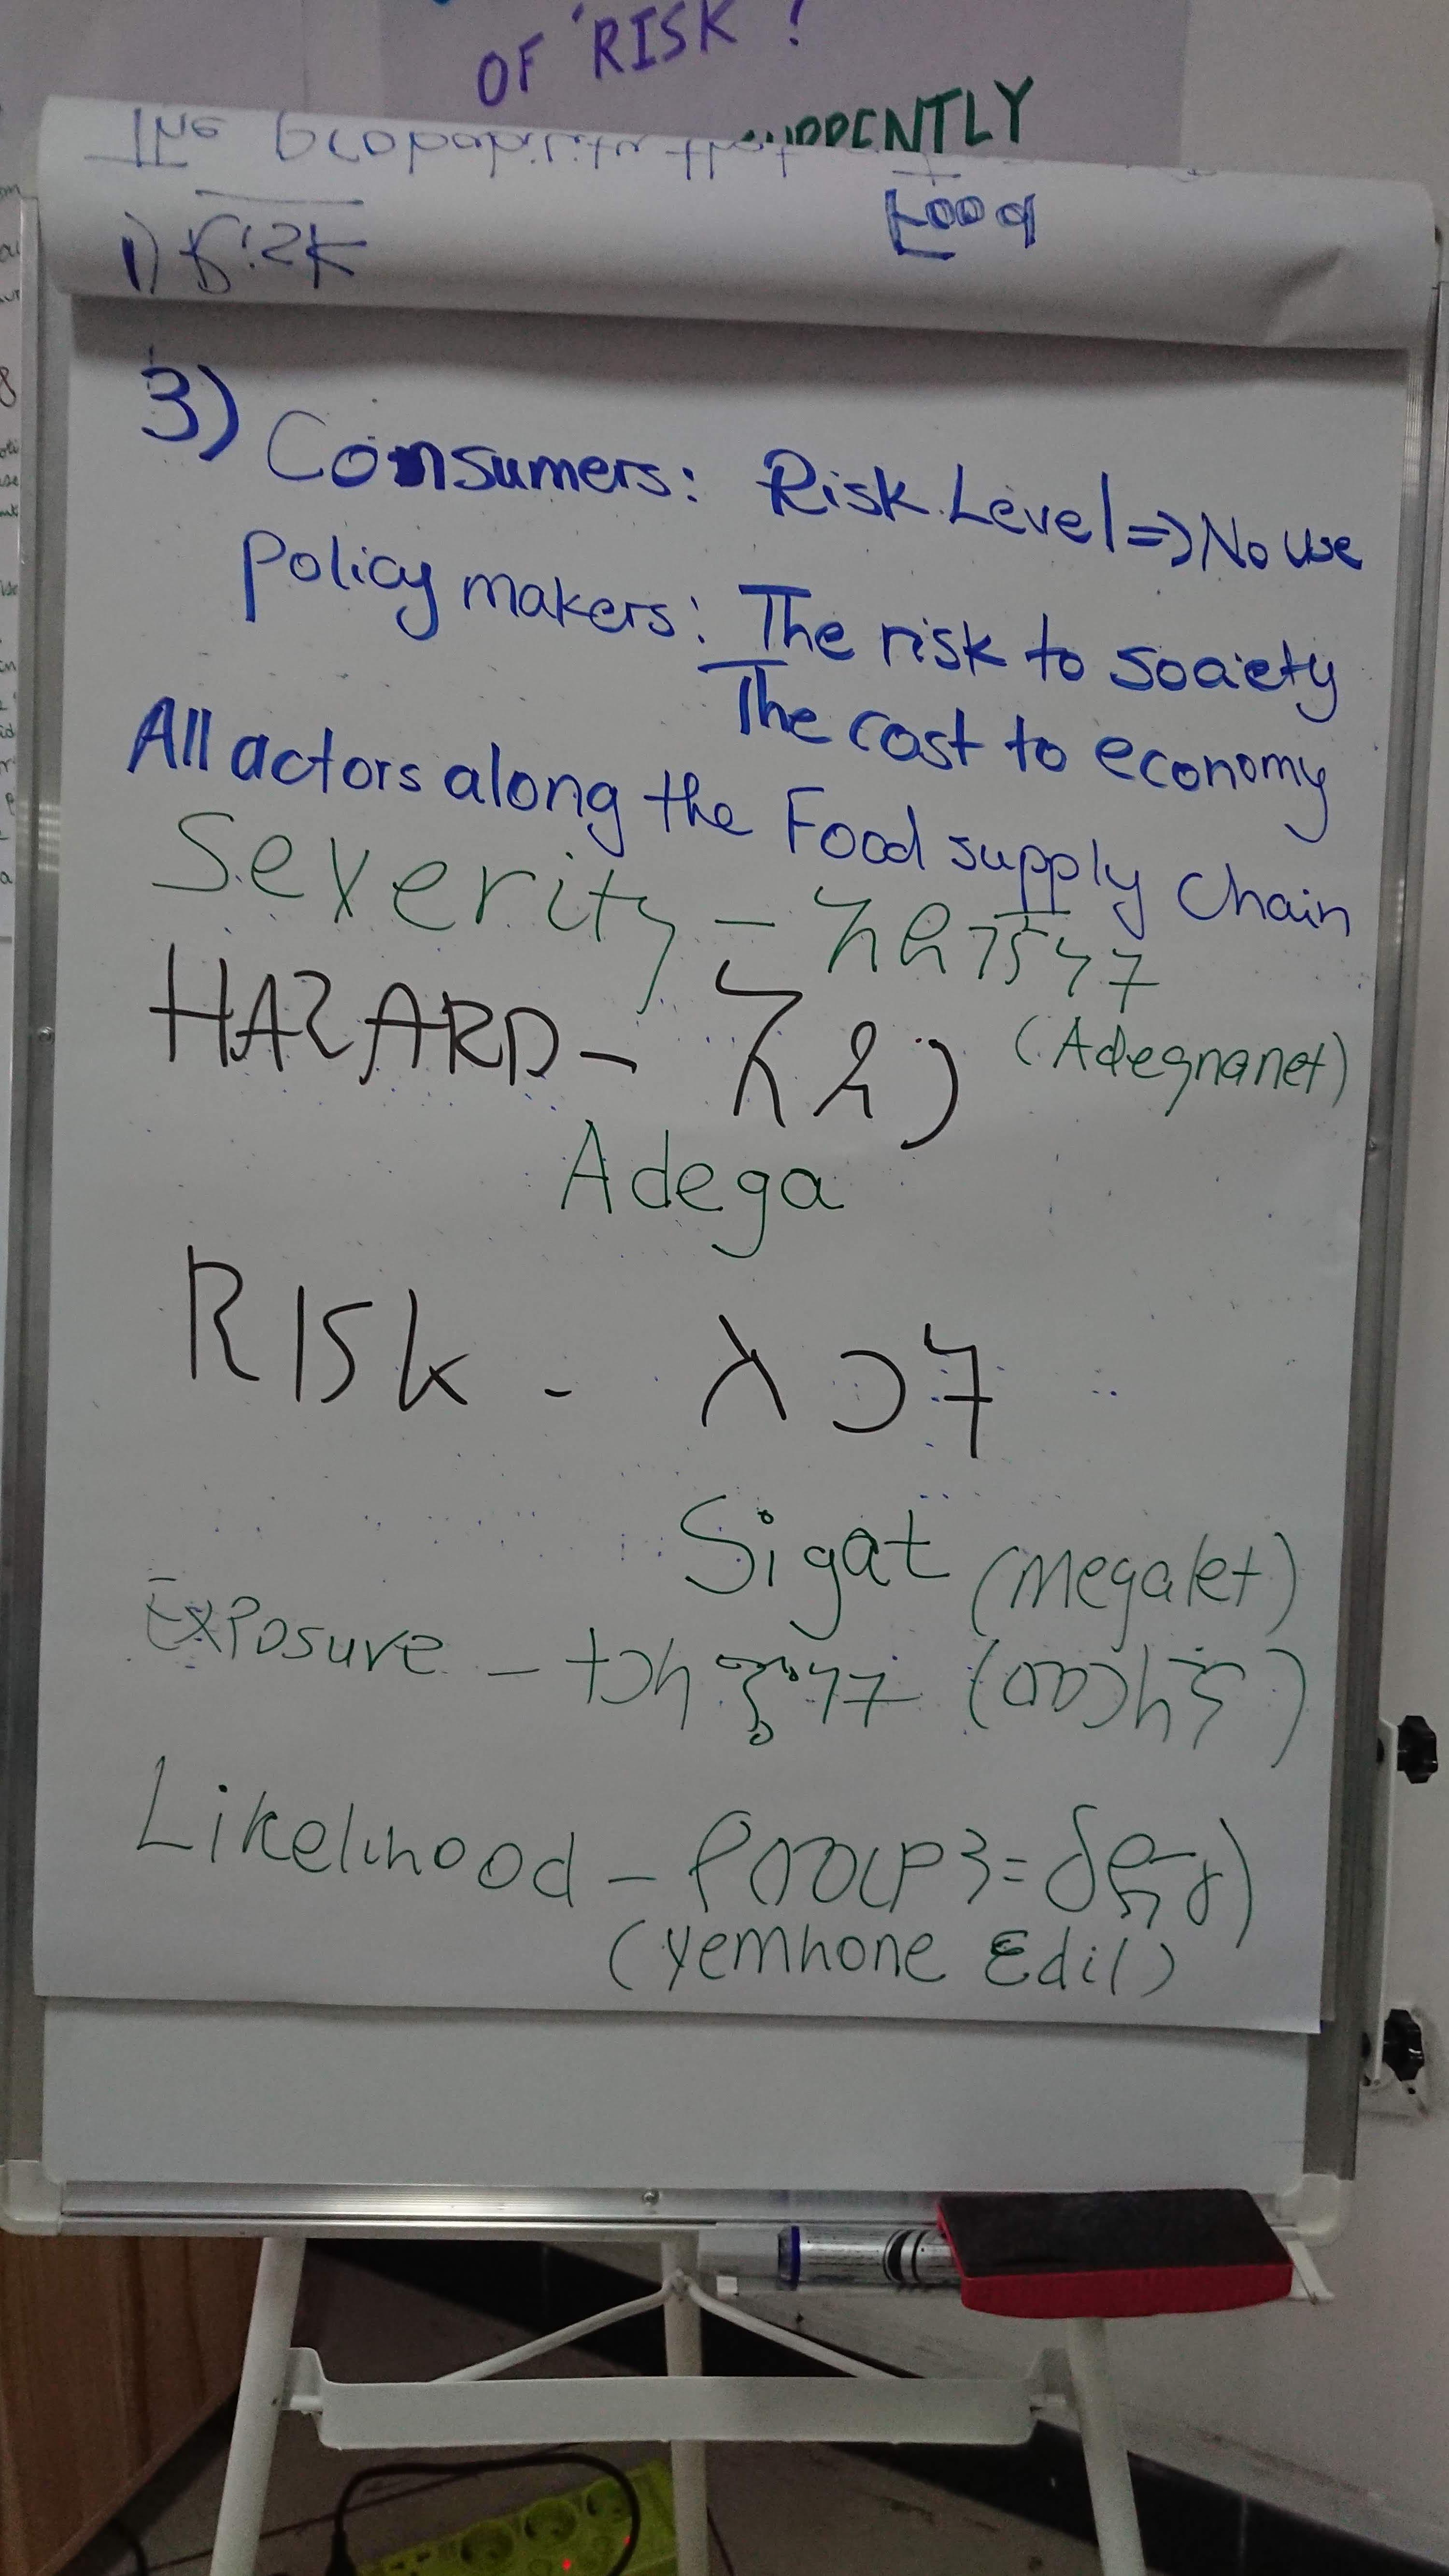 Hazard vs. Risk